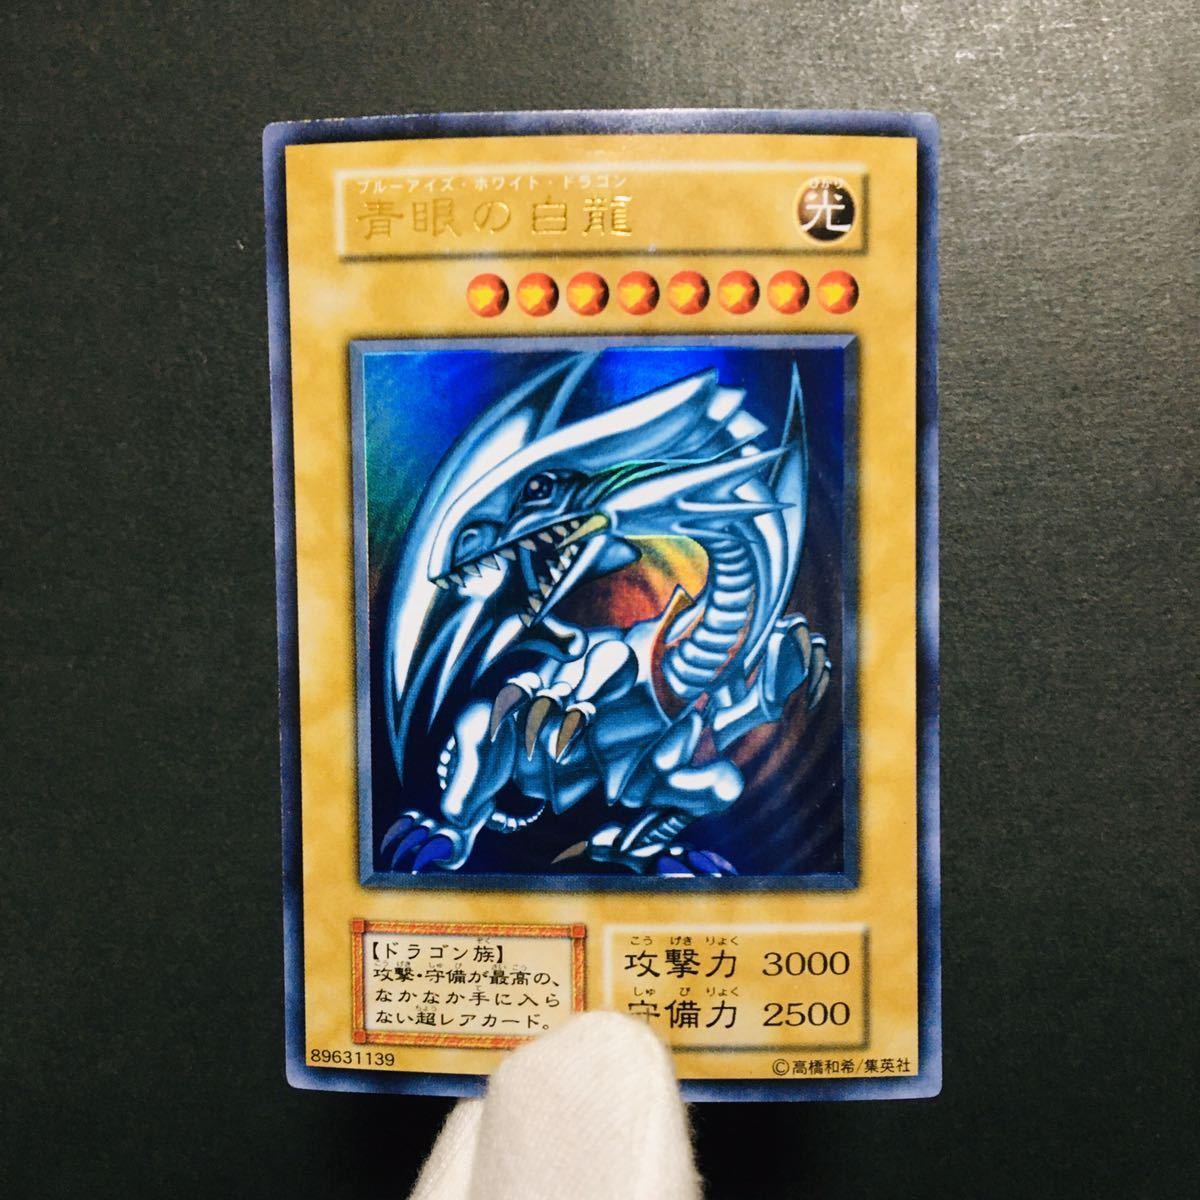 【1/16迄】 青眼の白龍 初期 ウルトラレア 遊戯王 美品級 ブルーアイズホワイトドラゴン